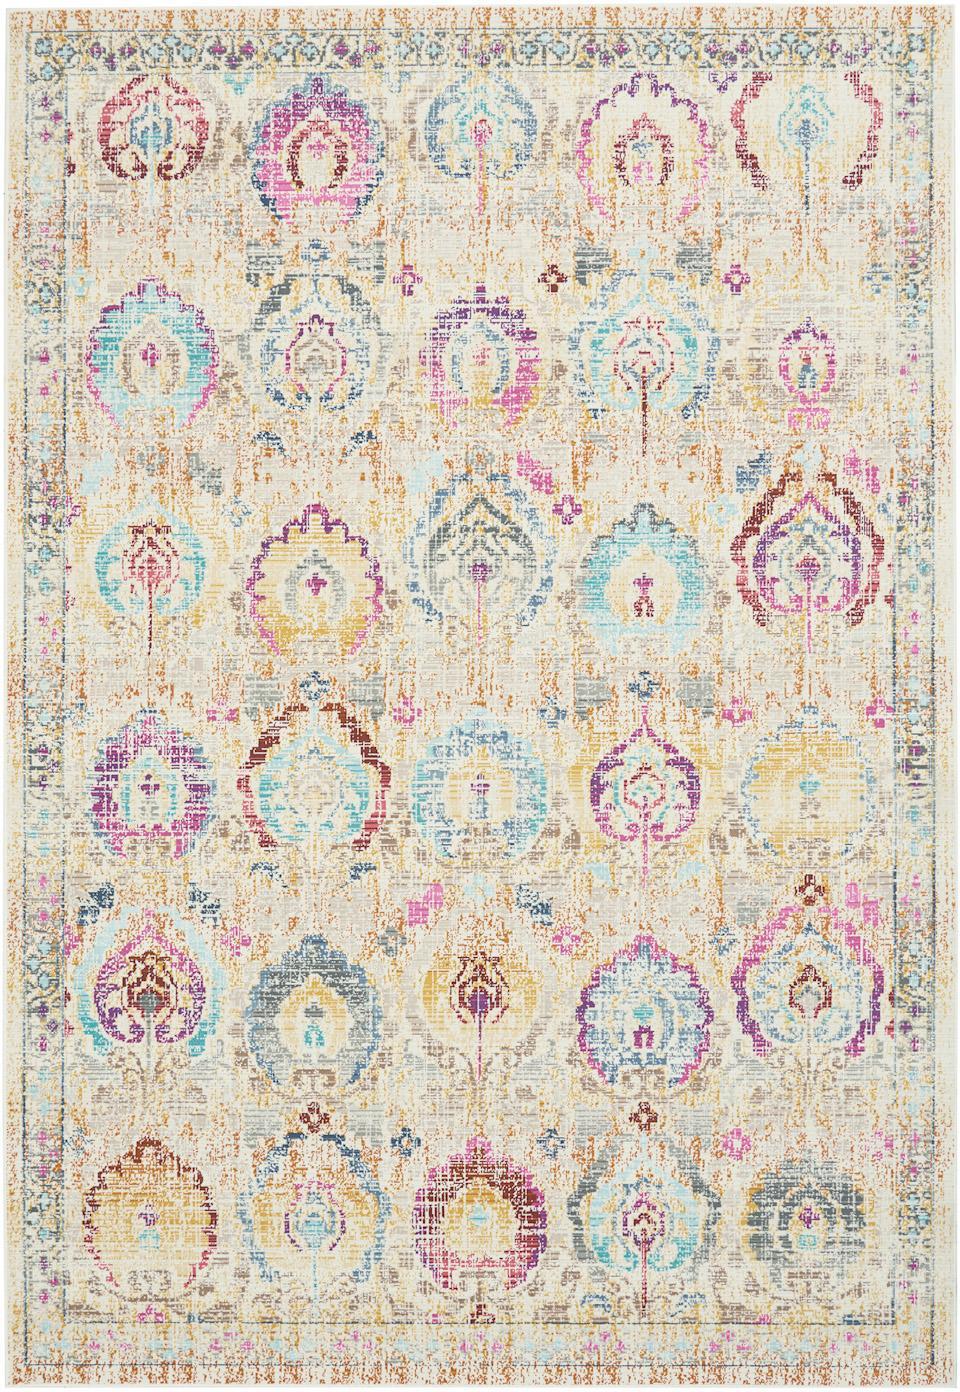 Dywan z niskim stosem Kashan Vintage, Beżowy, wielobarwny, S 120 x D 180 cm (Rozmiar S)